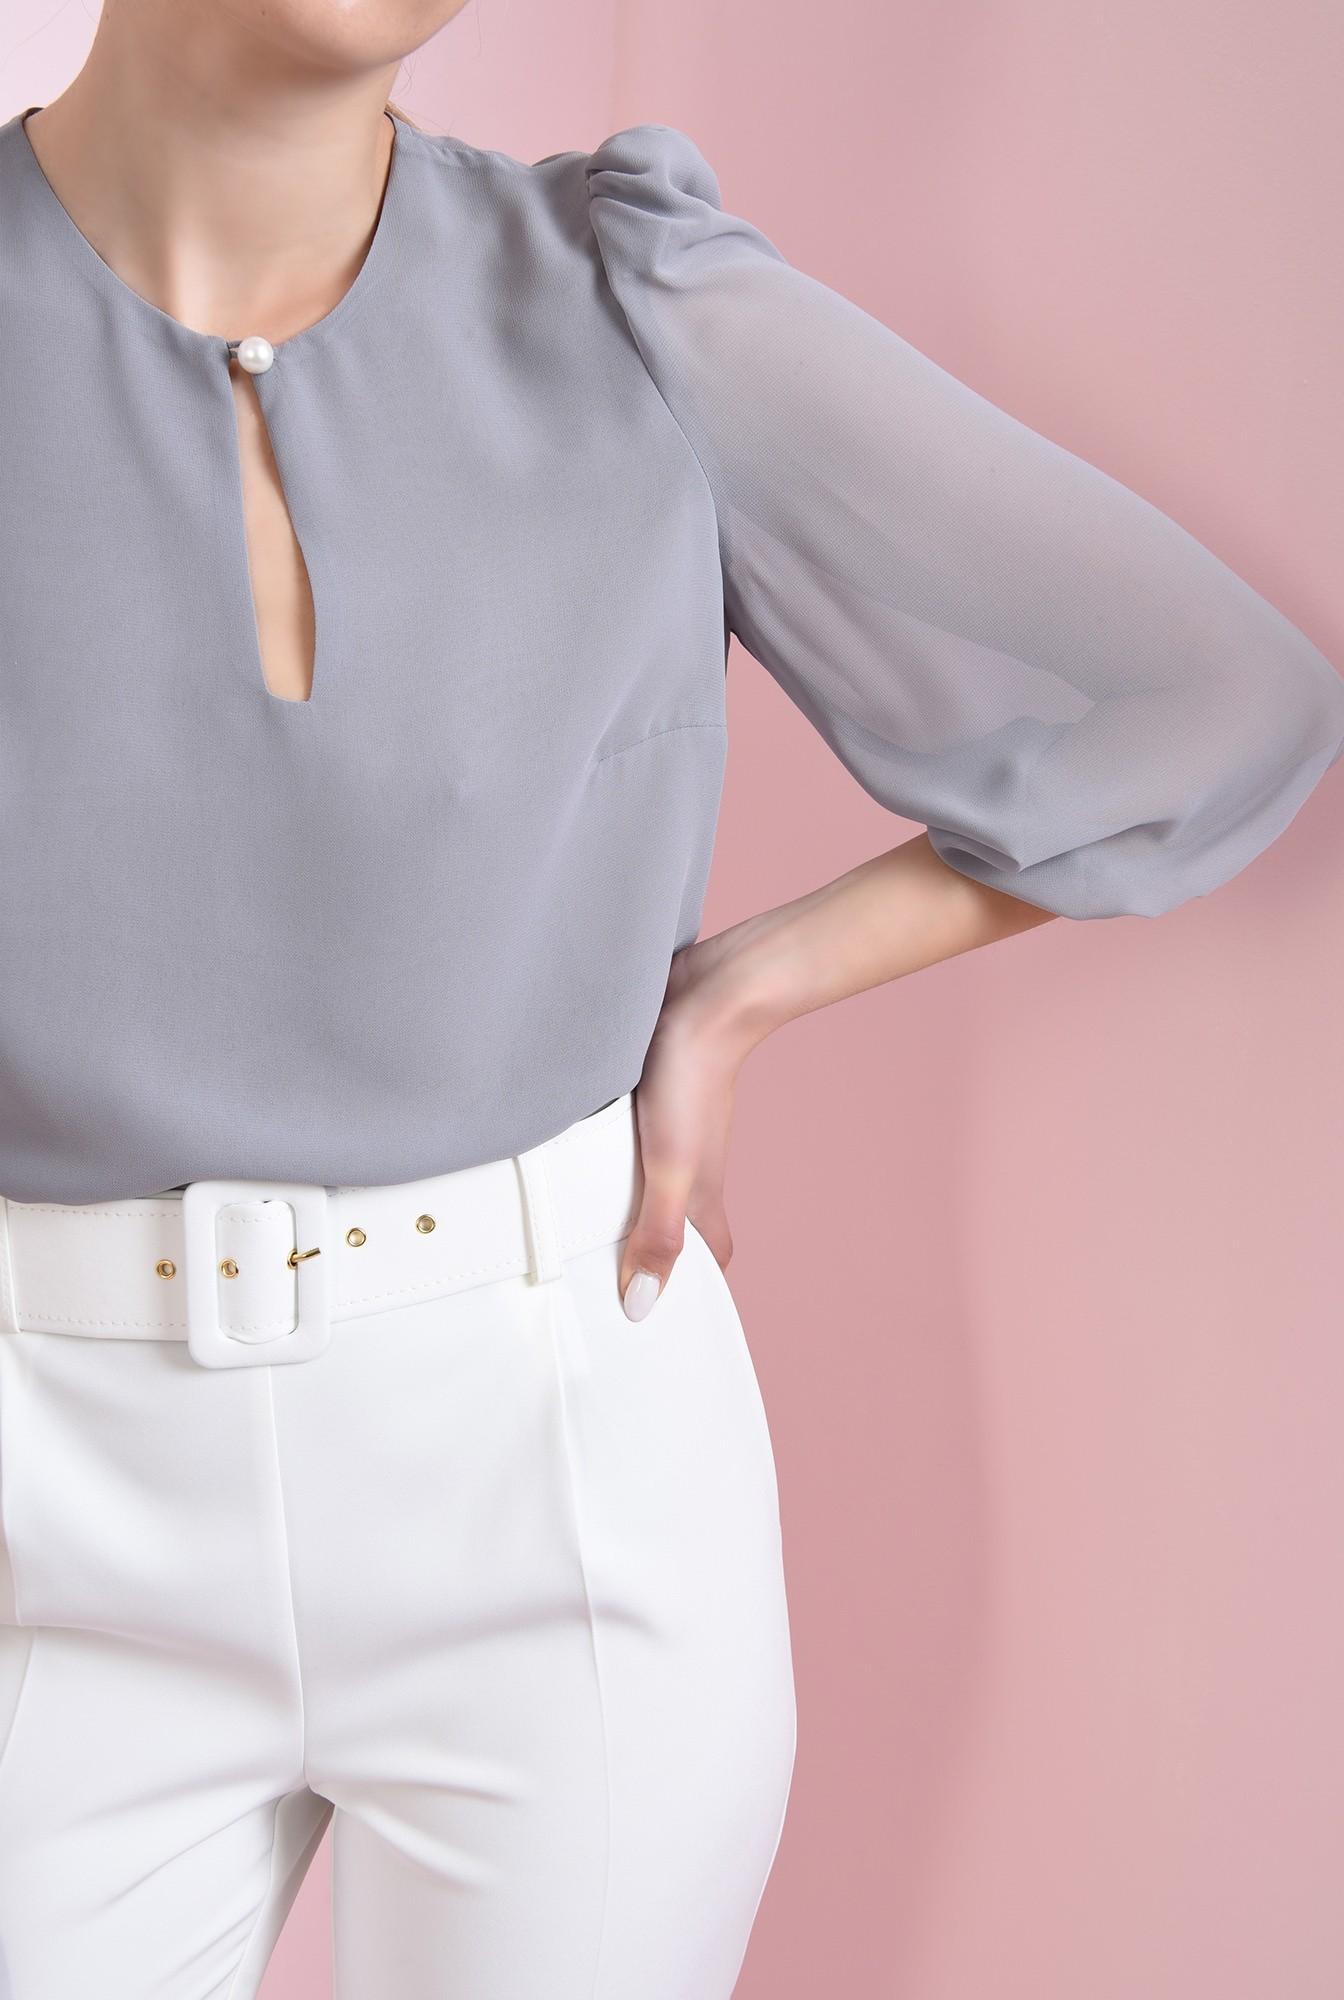 0 - 360 - bluza casual, gri, cu nasture